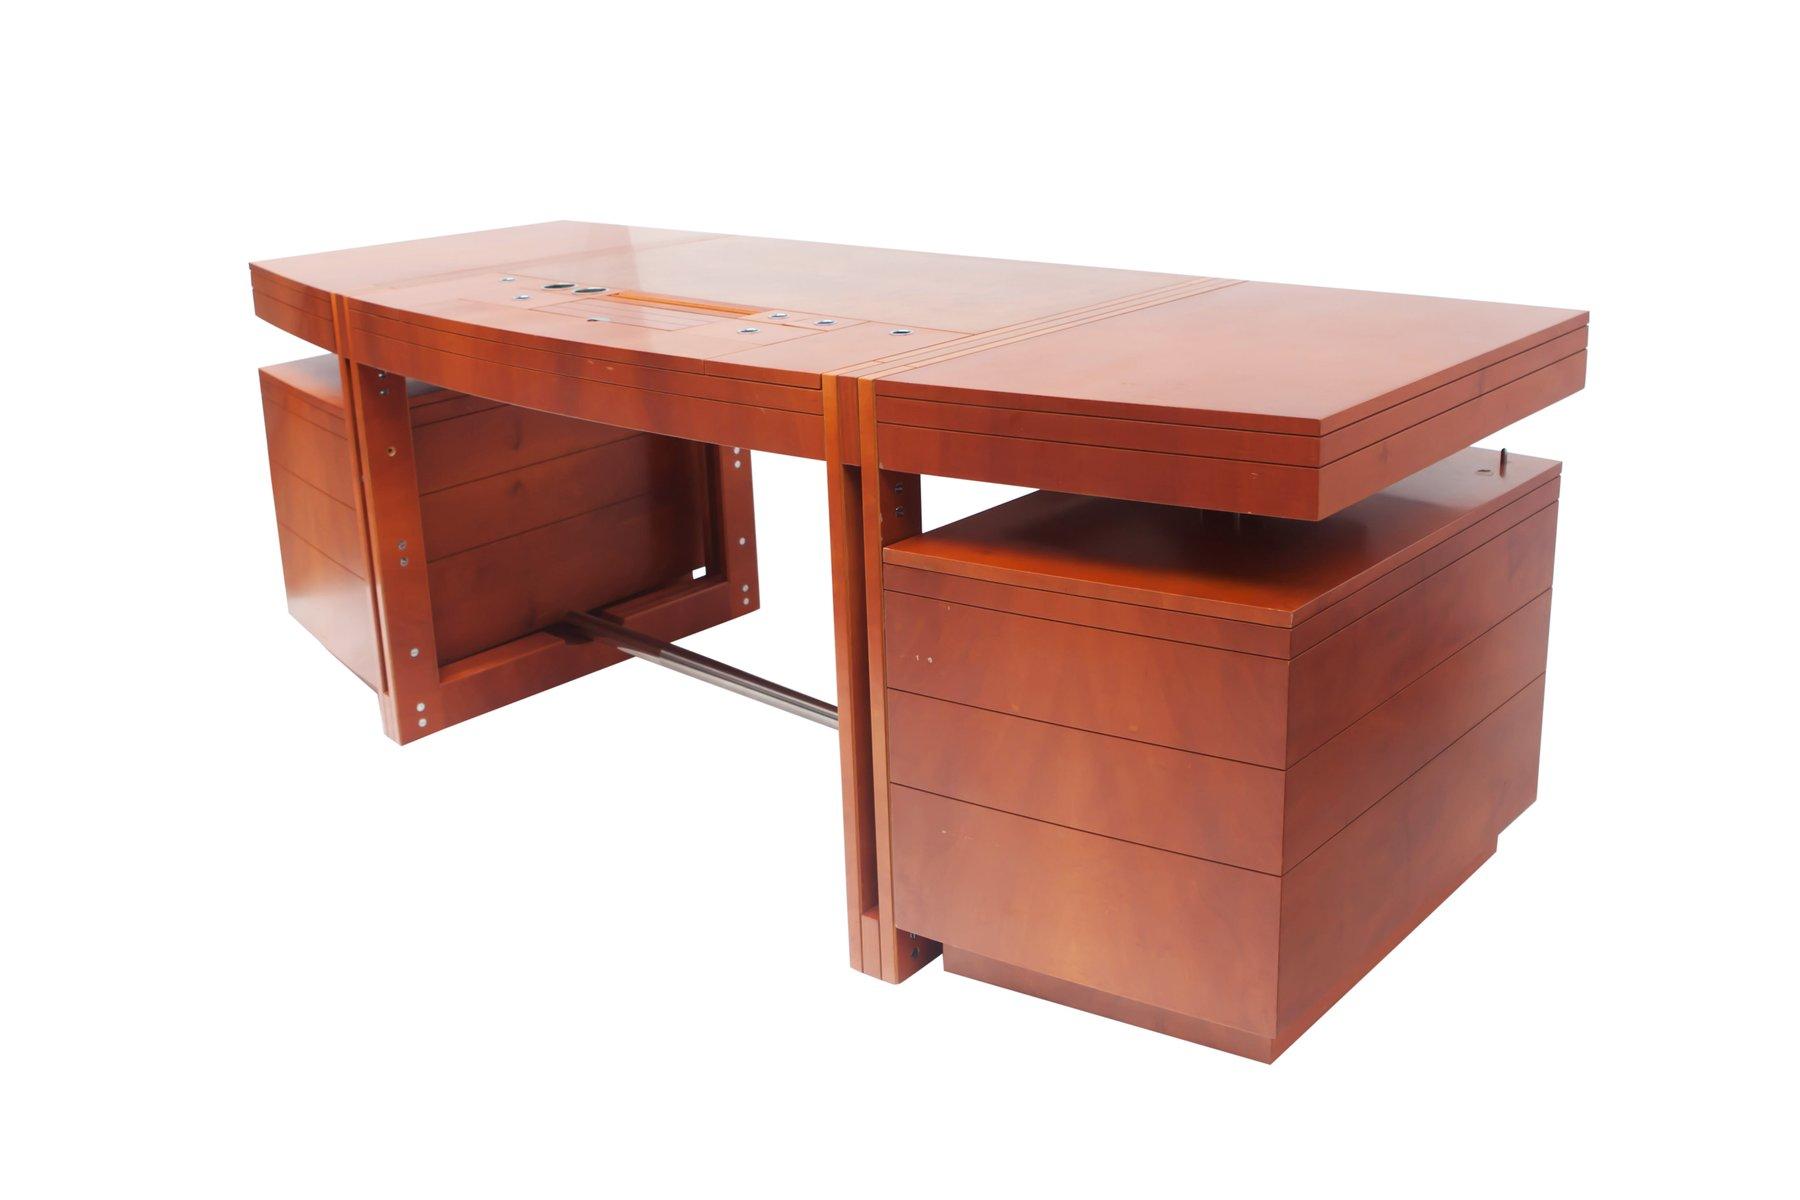 Target desk by jaime tresserra 1988 for sale at pamono - Target desks for sale ...